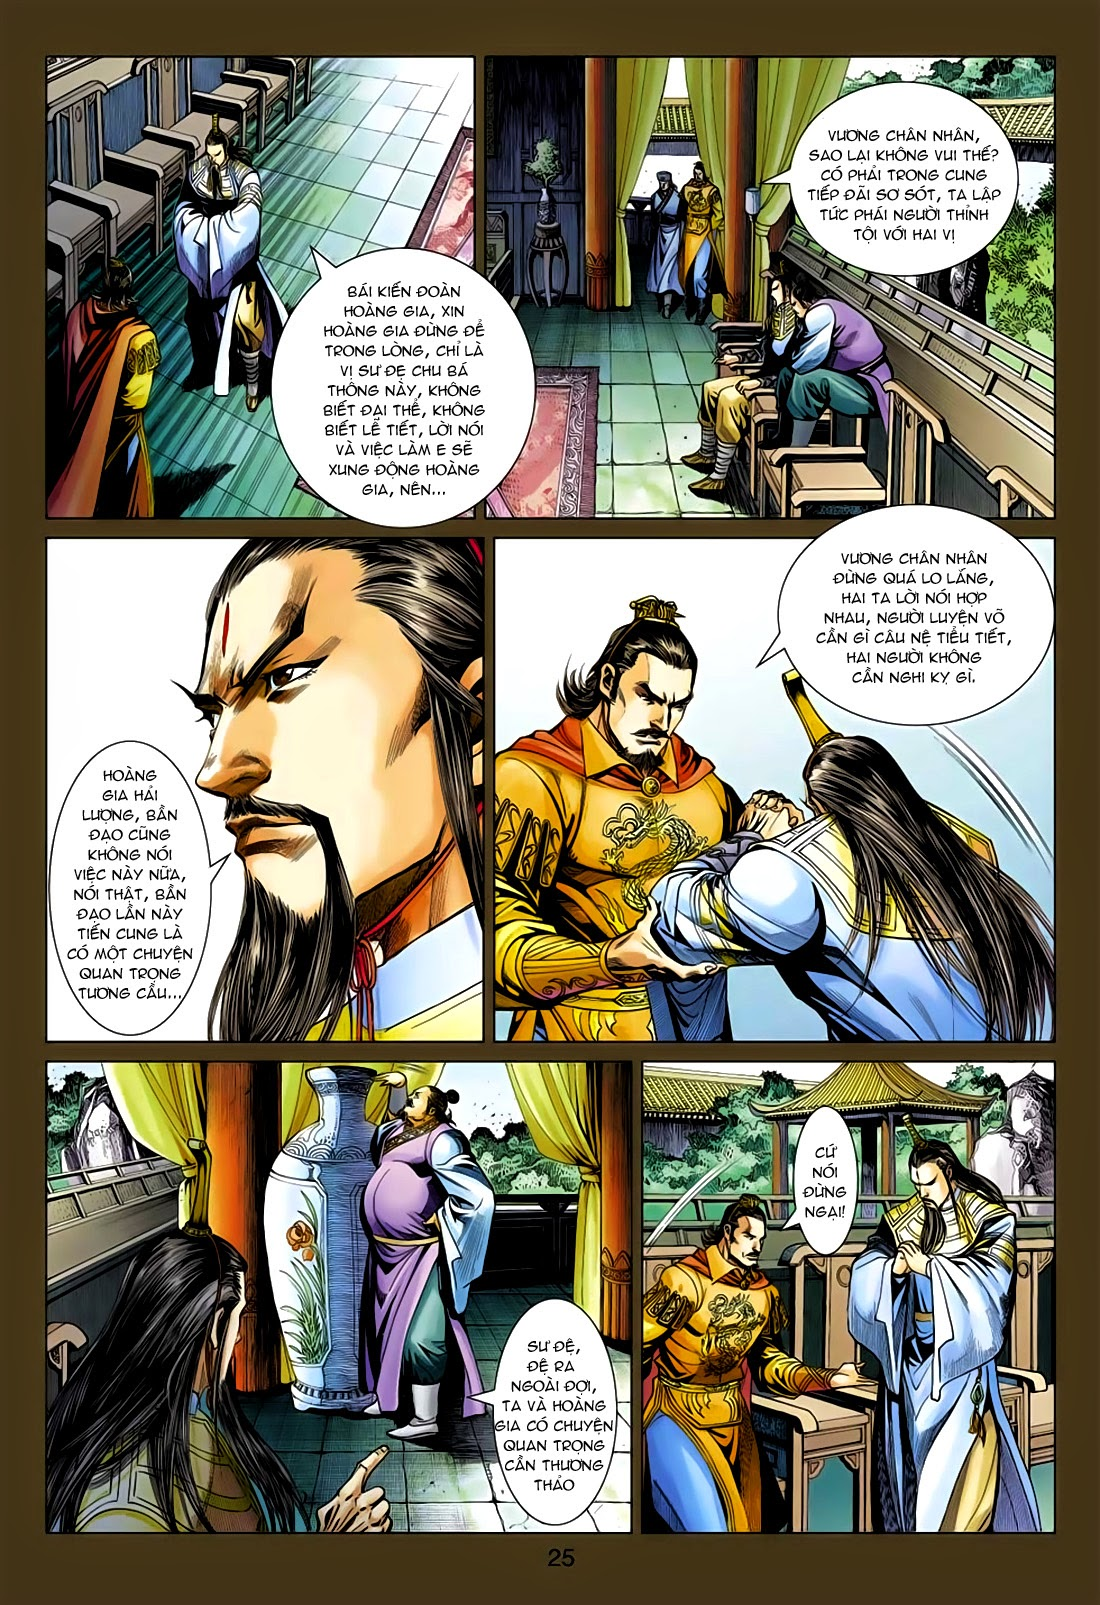 Anh Hùng Xạ Điêu anh hùng xạ đêu chap 75: hoàng thành cựu sự trang 25